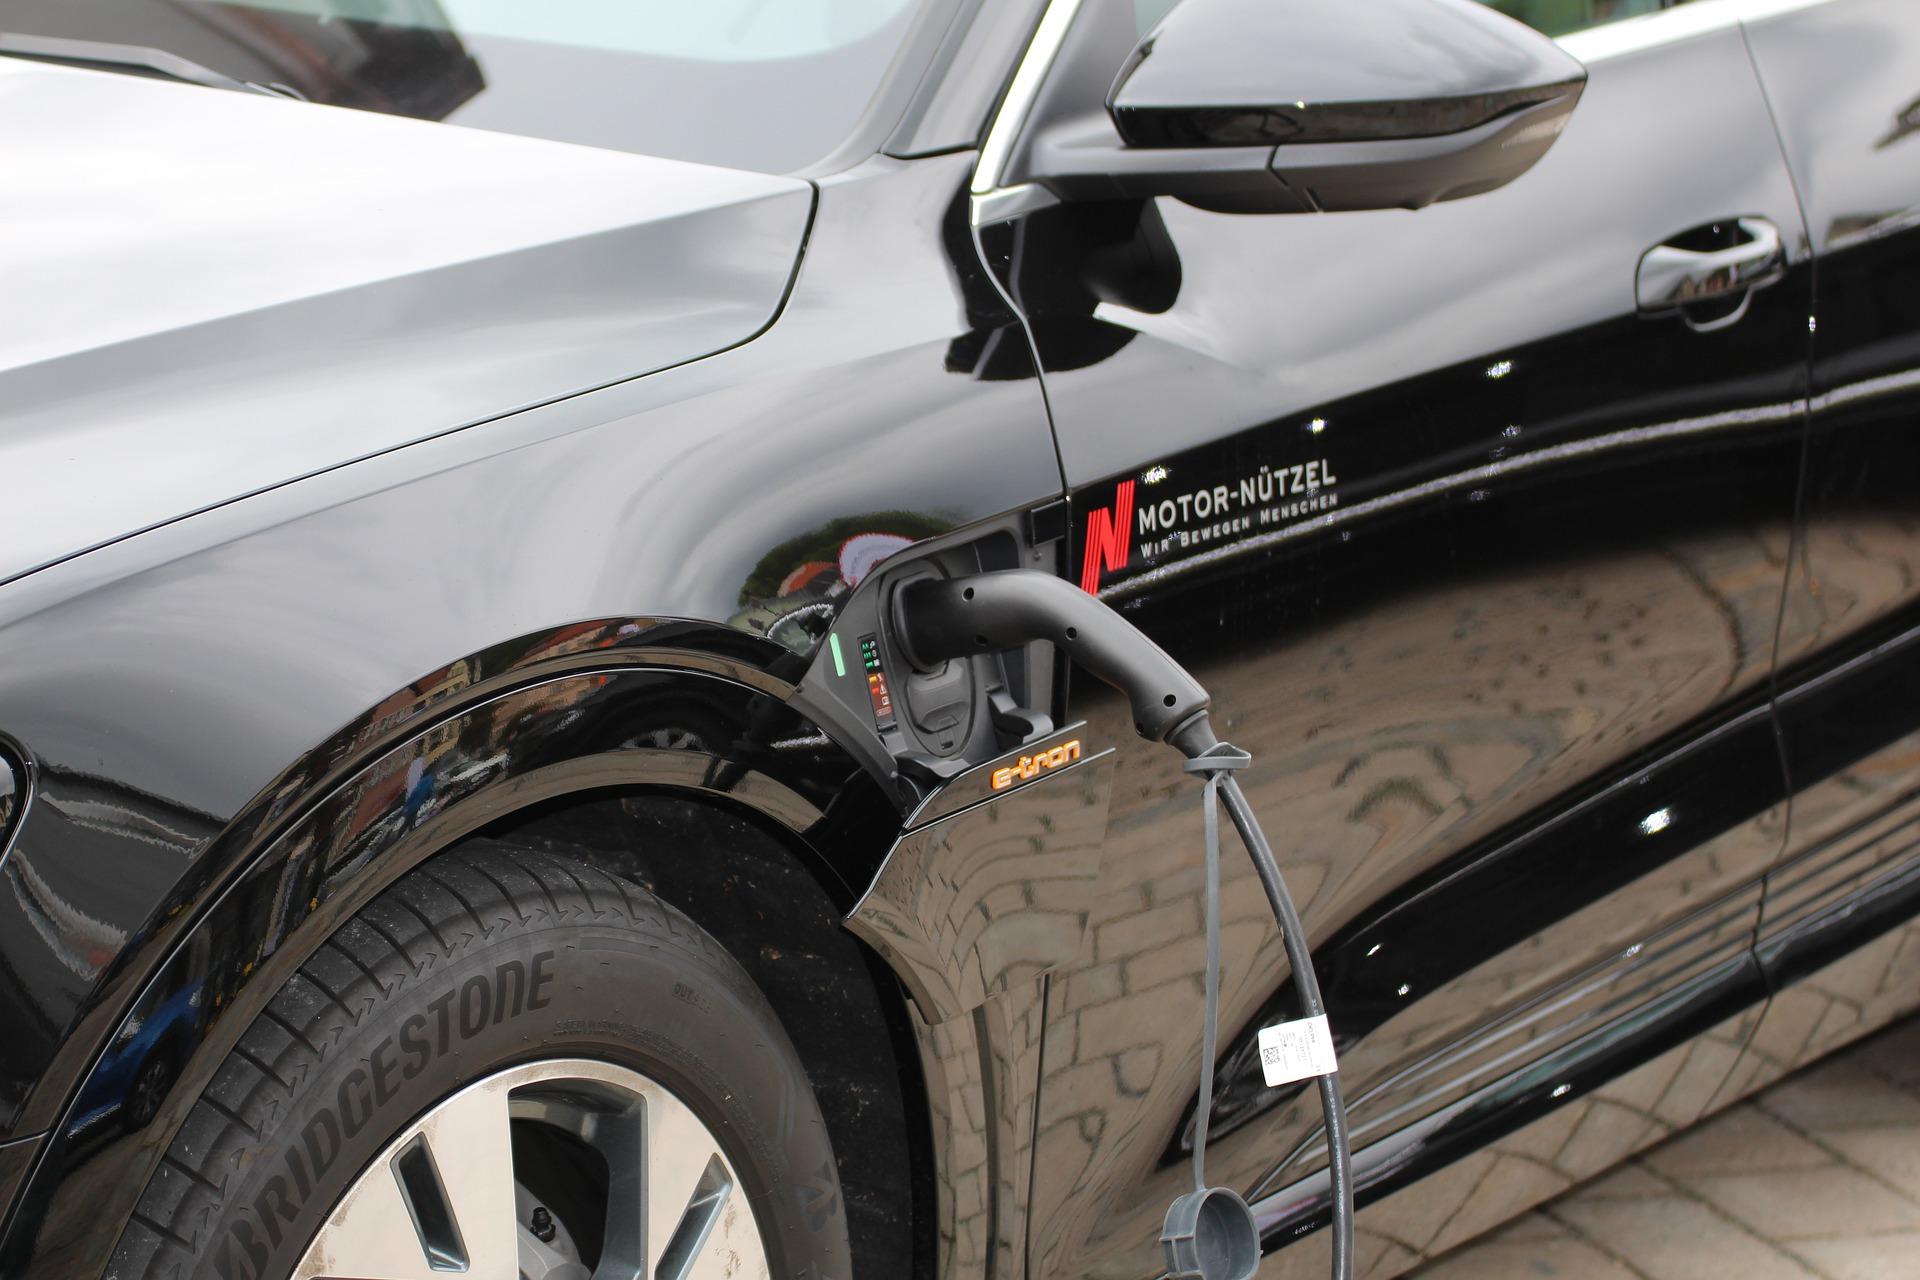 Gobierno de Canadá invierte en un sistema de carga para vehículos eléctricos impulsado por tecnología blockchain